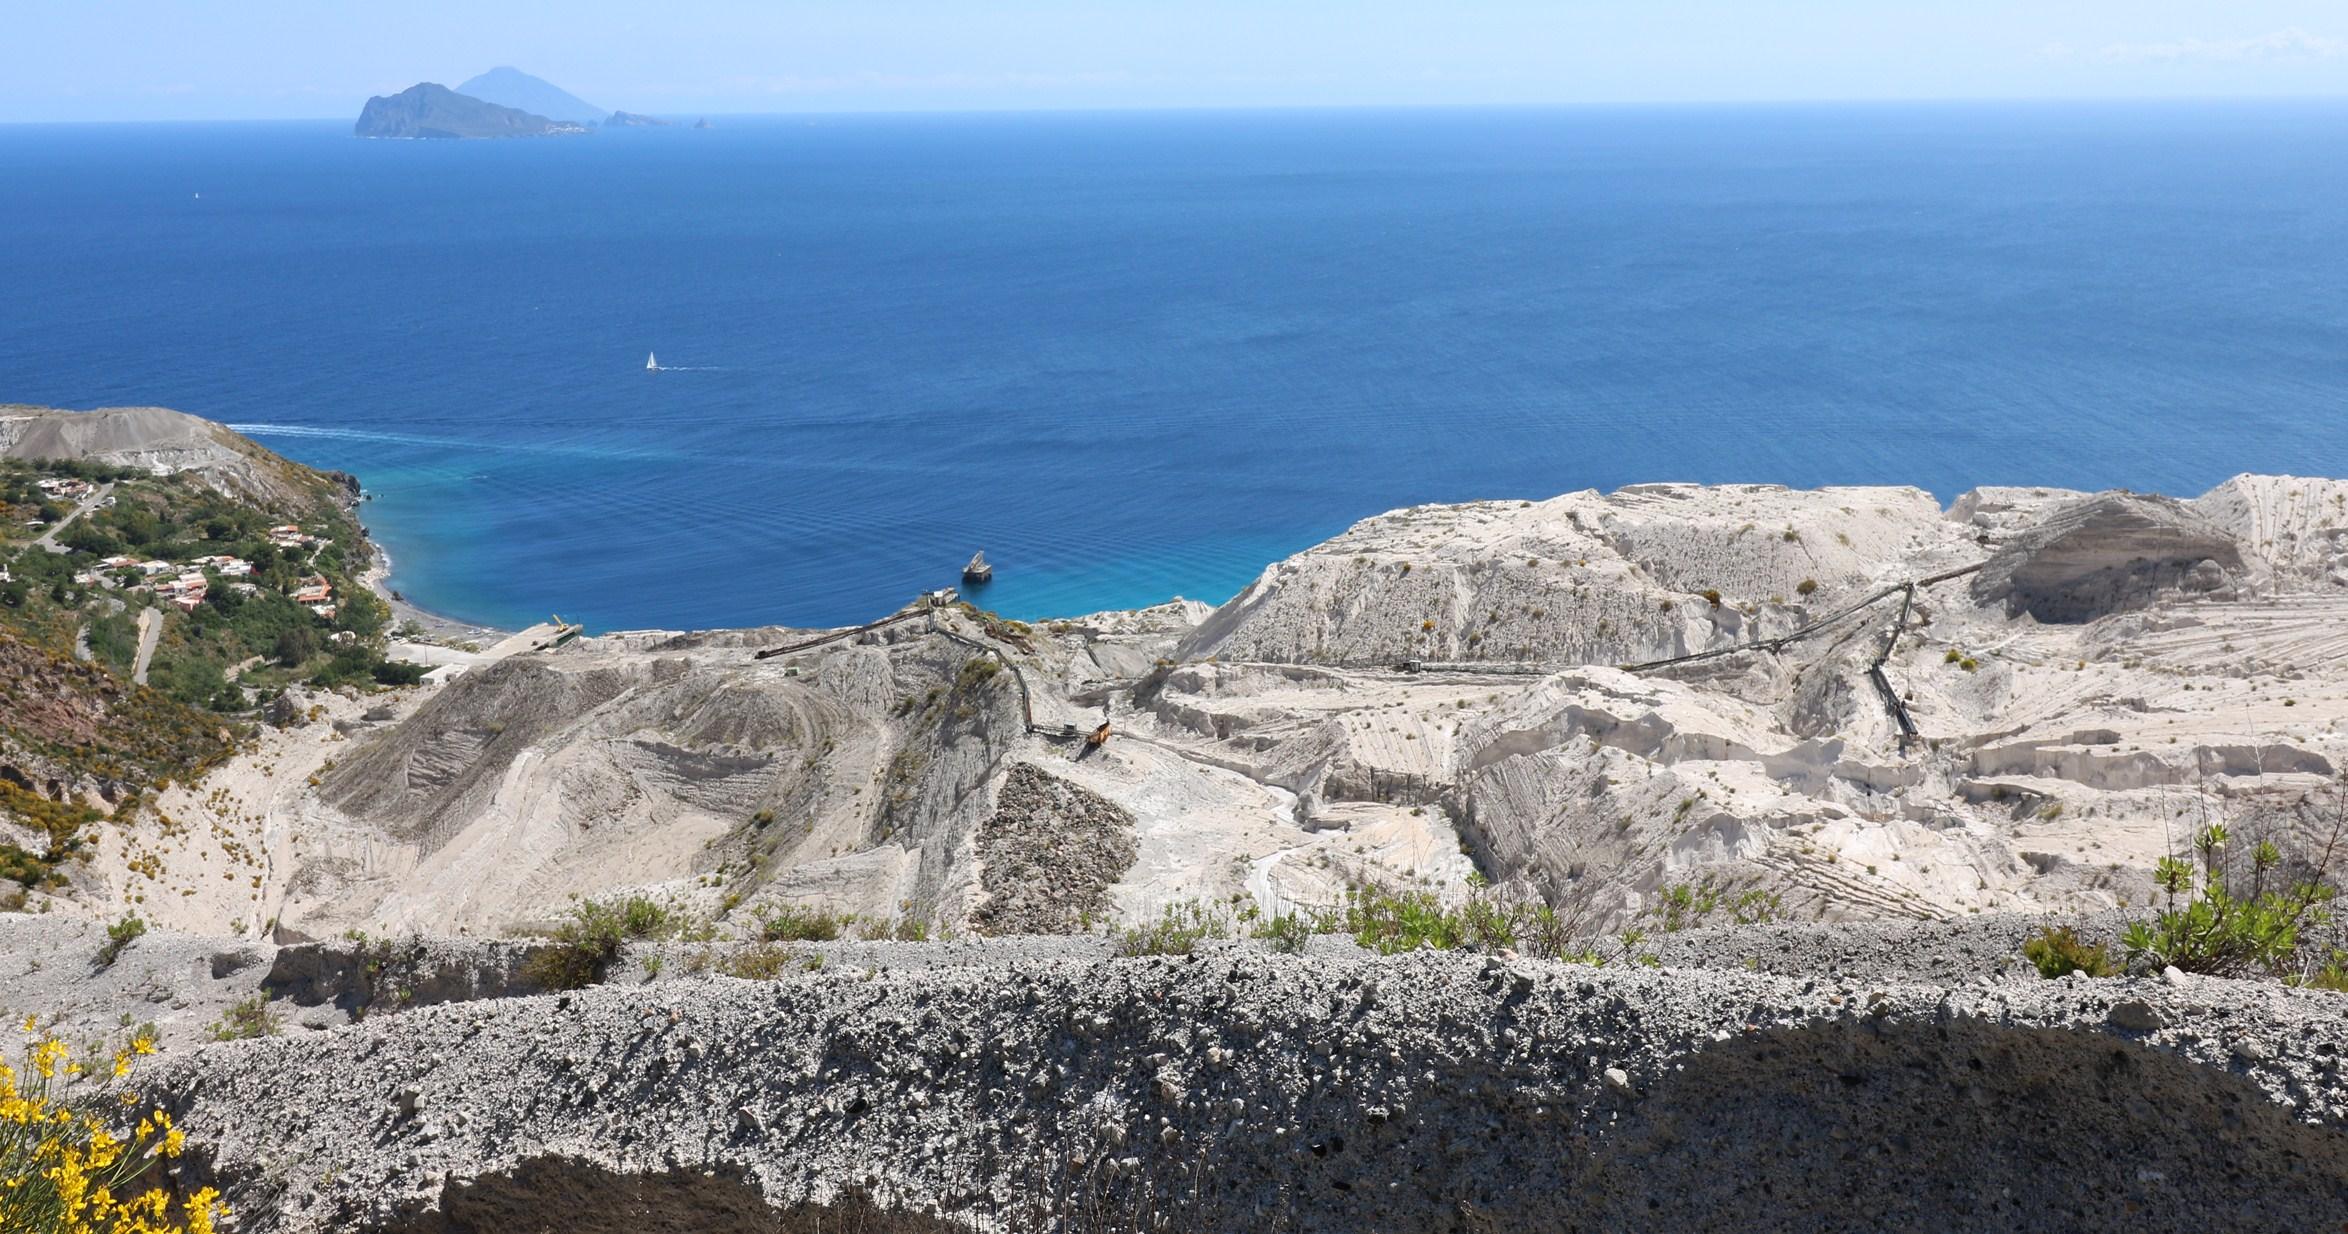 Risorse minerarie delle Isole Eolie nell'antichità